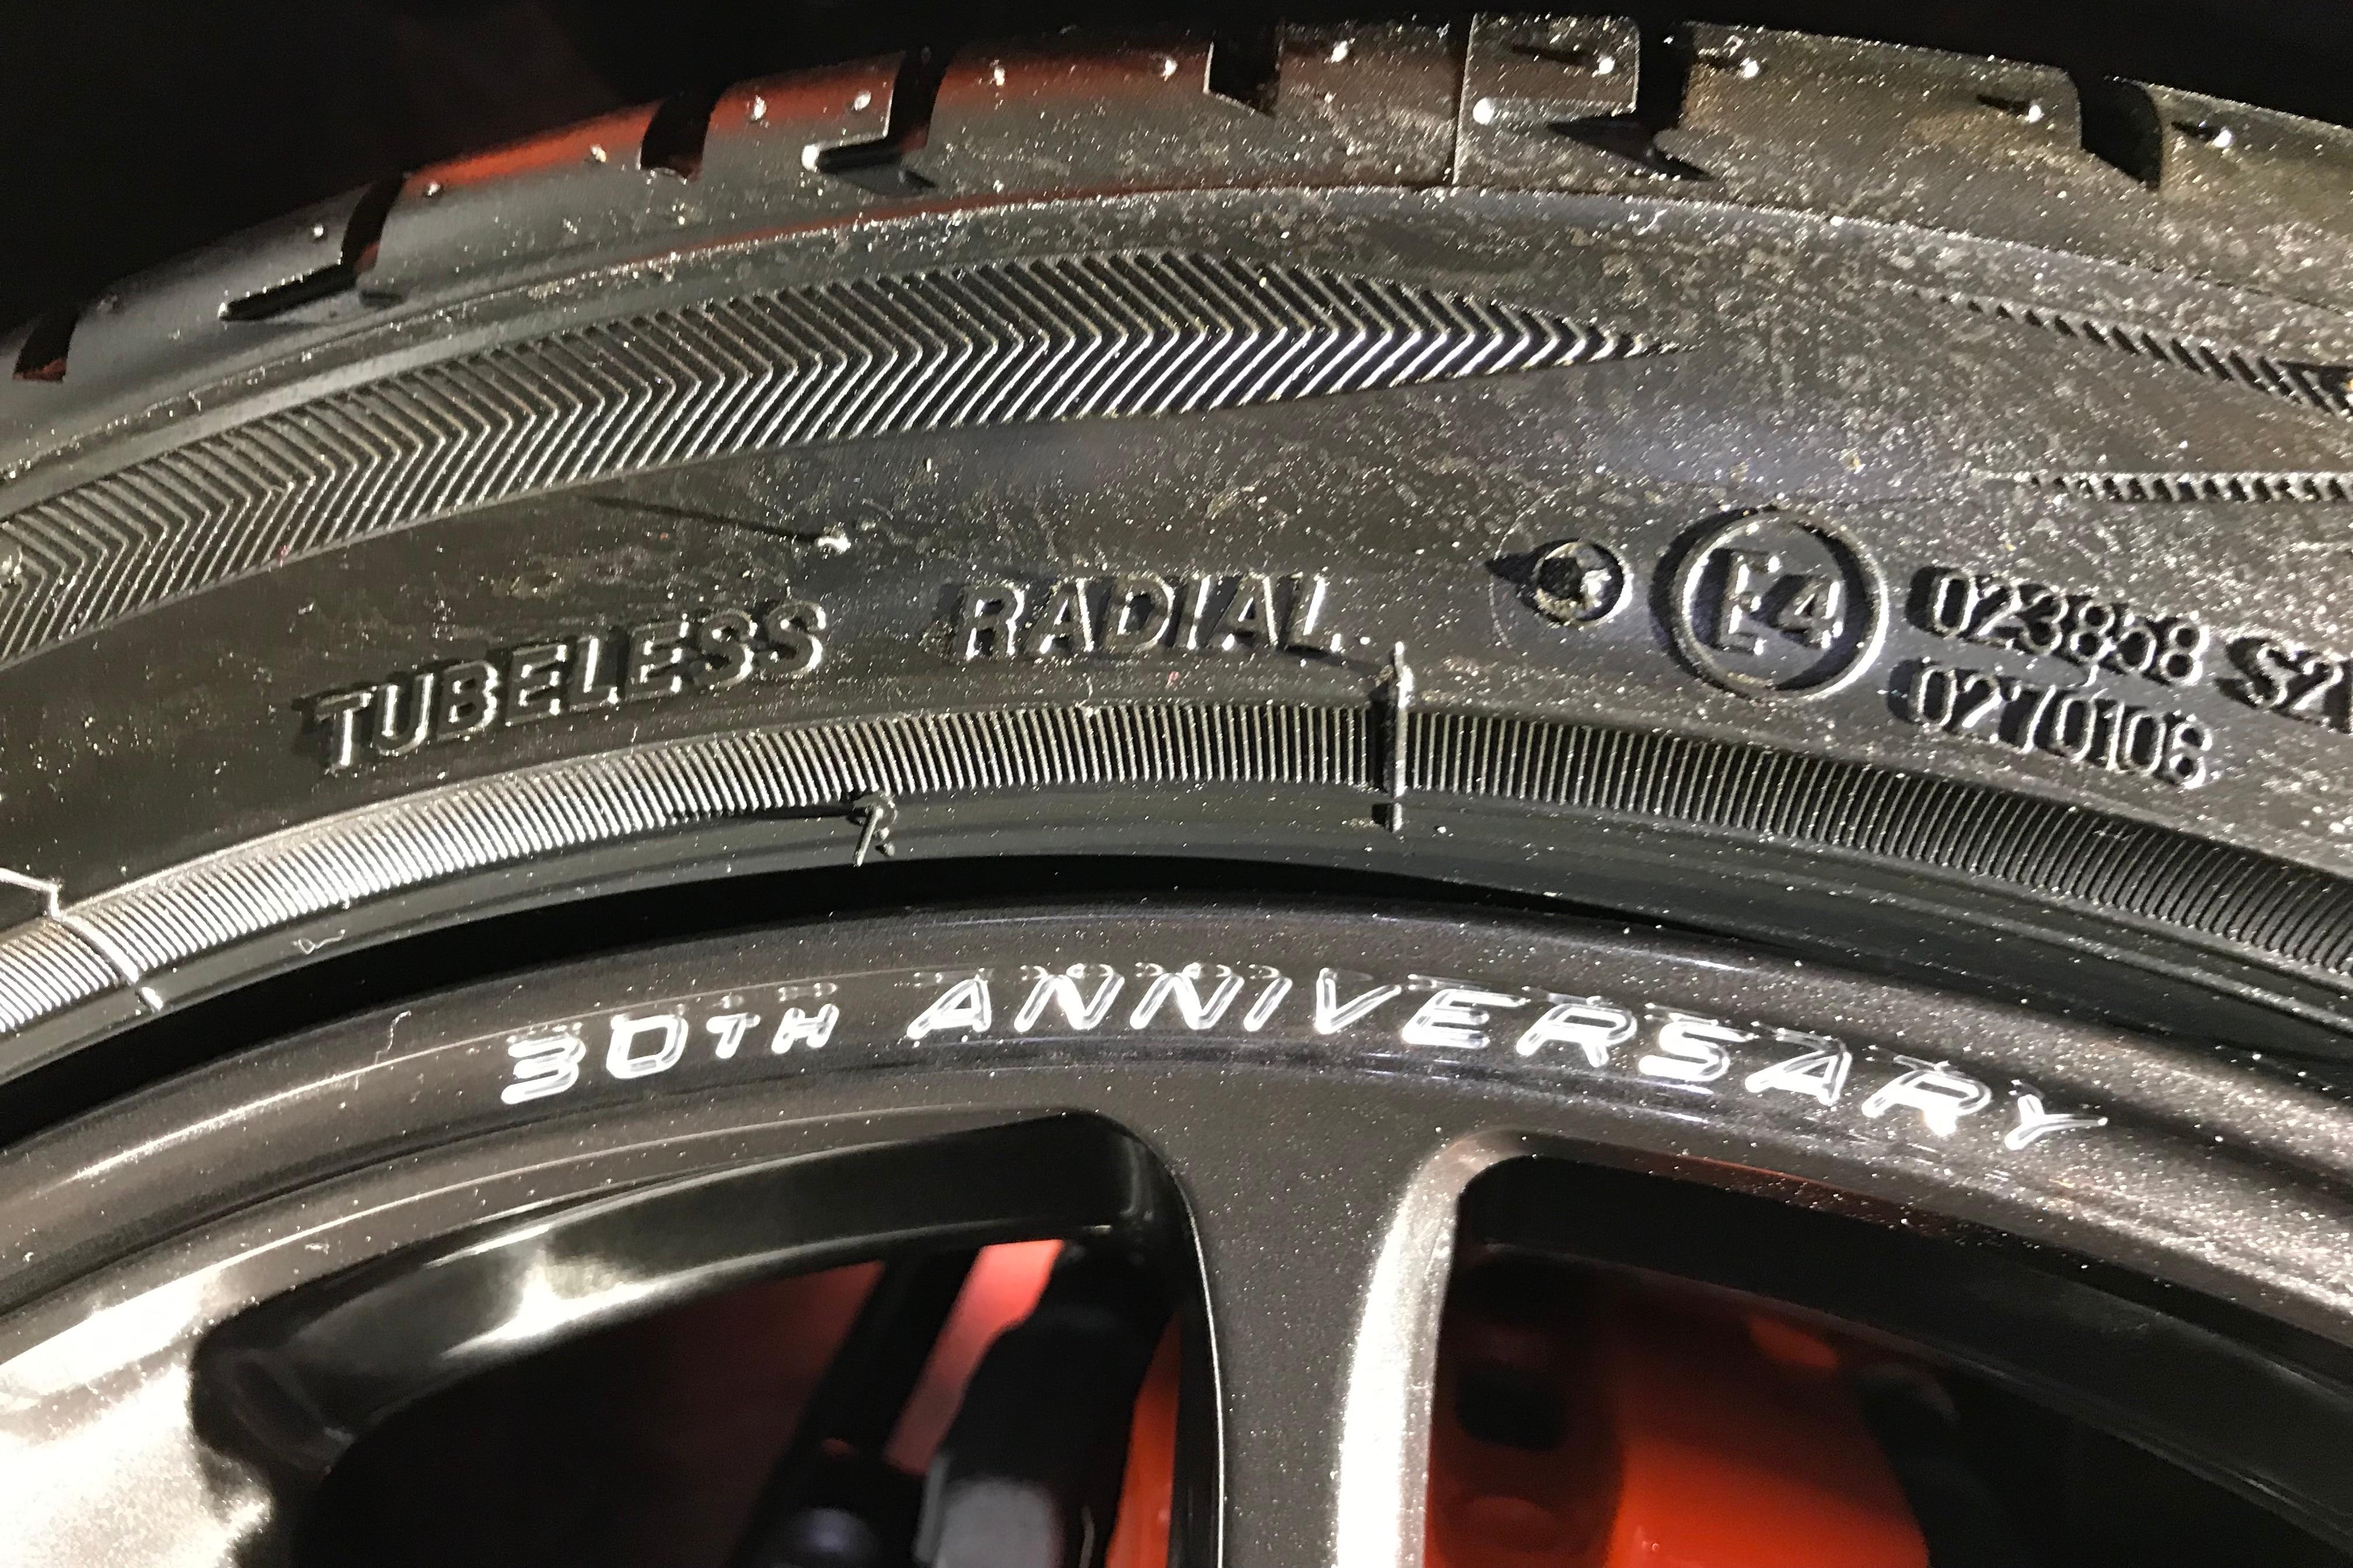 2020 Mazda Miata 30th Anniversary Edition Wheel with logo